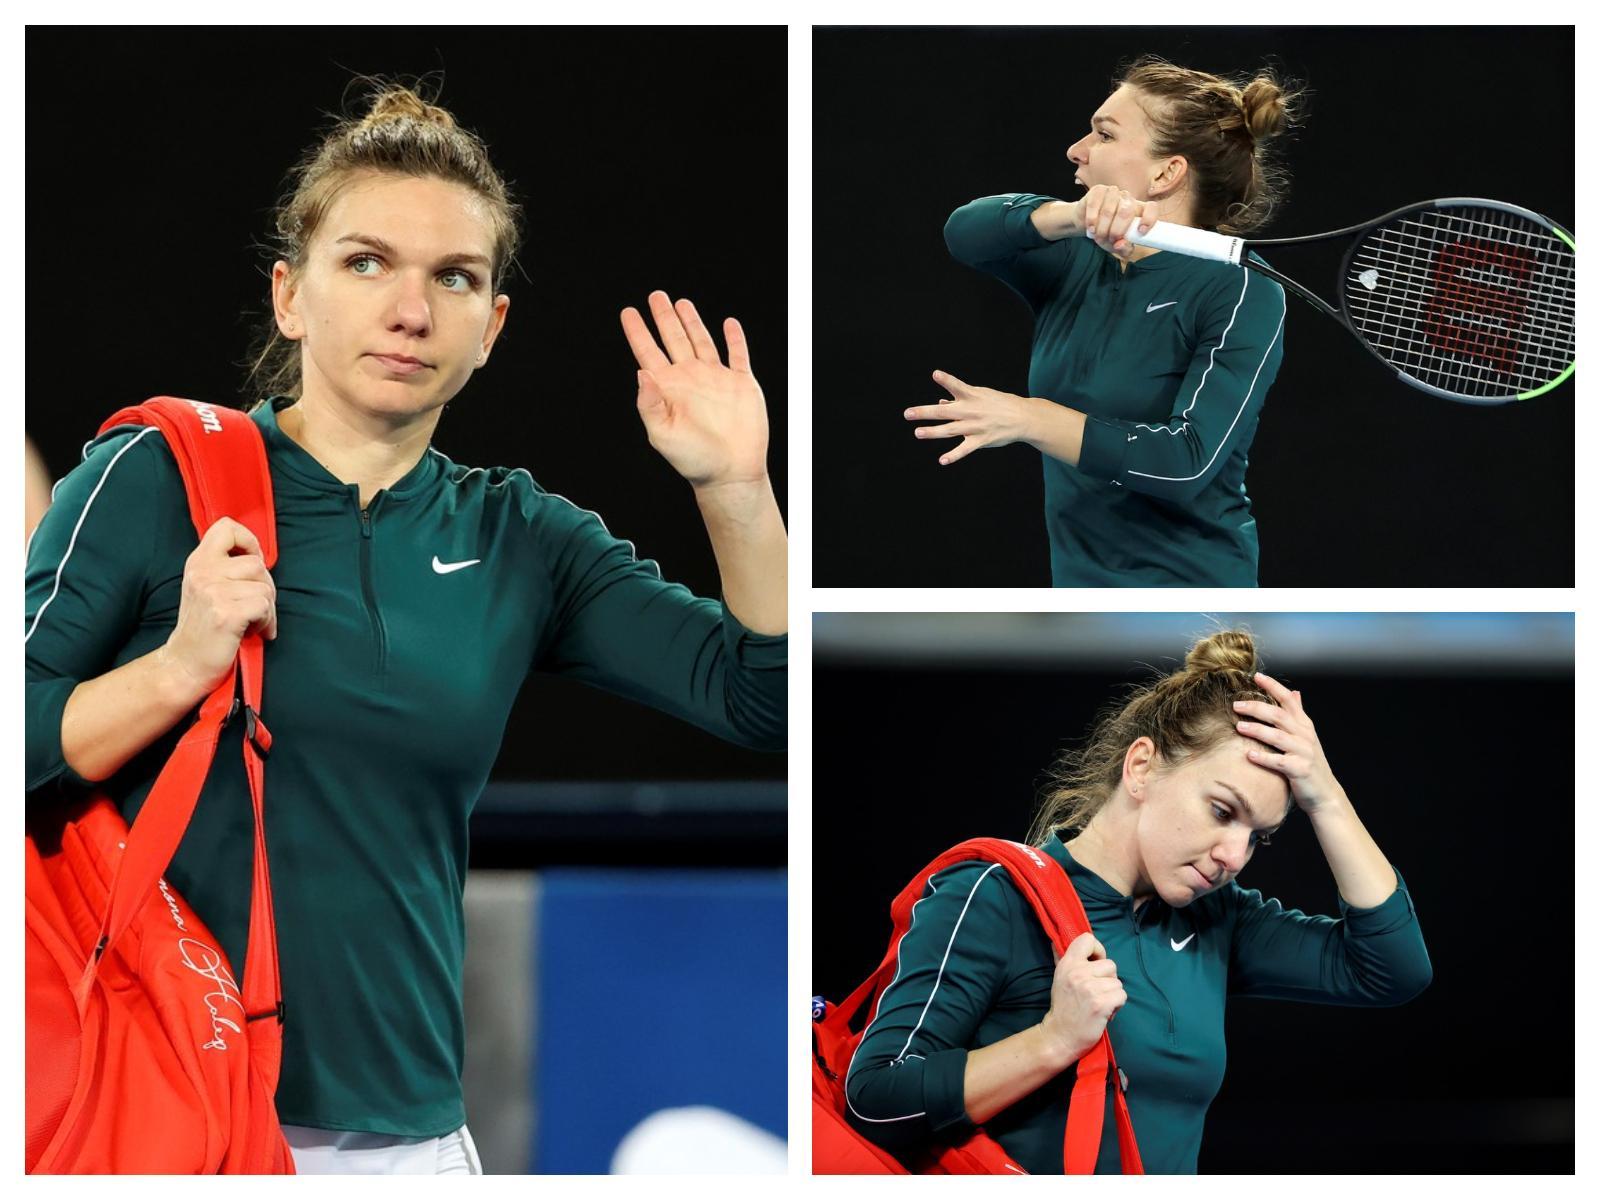 Înfrângere dureroasă pentru Simona Halep înainte de Australian Open 2021. Tenismena româncă a cerut intervenția medicului pe teren